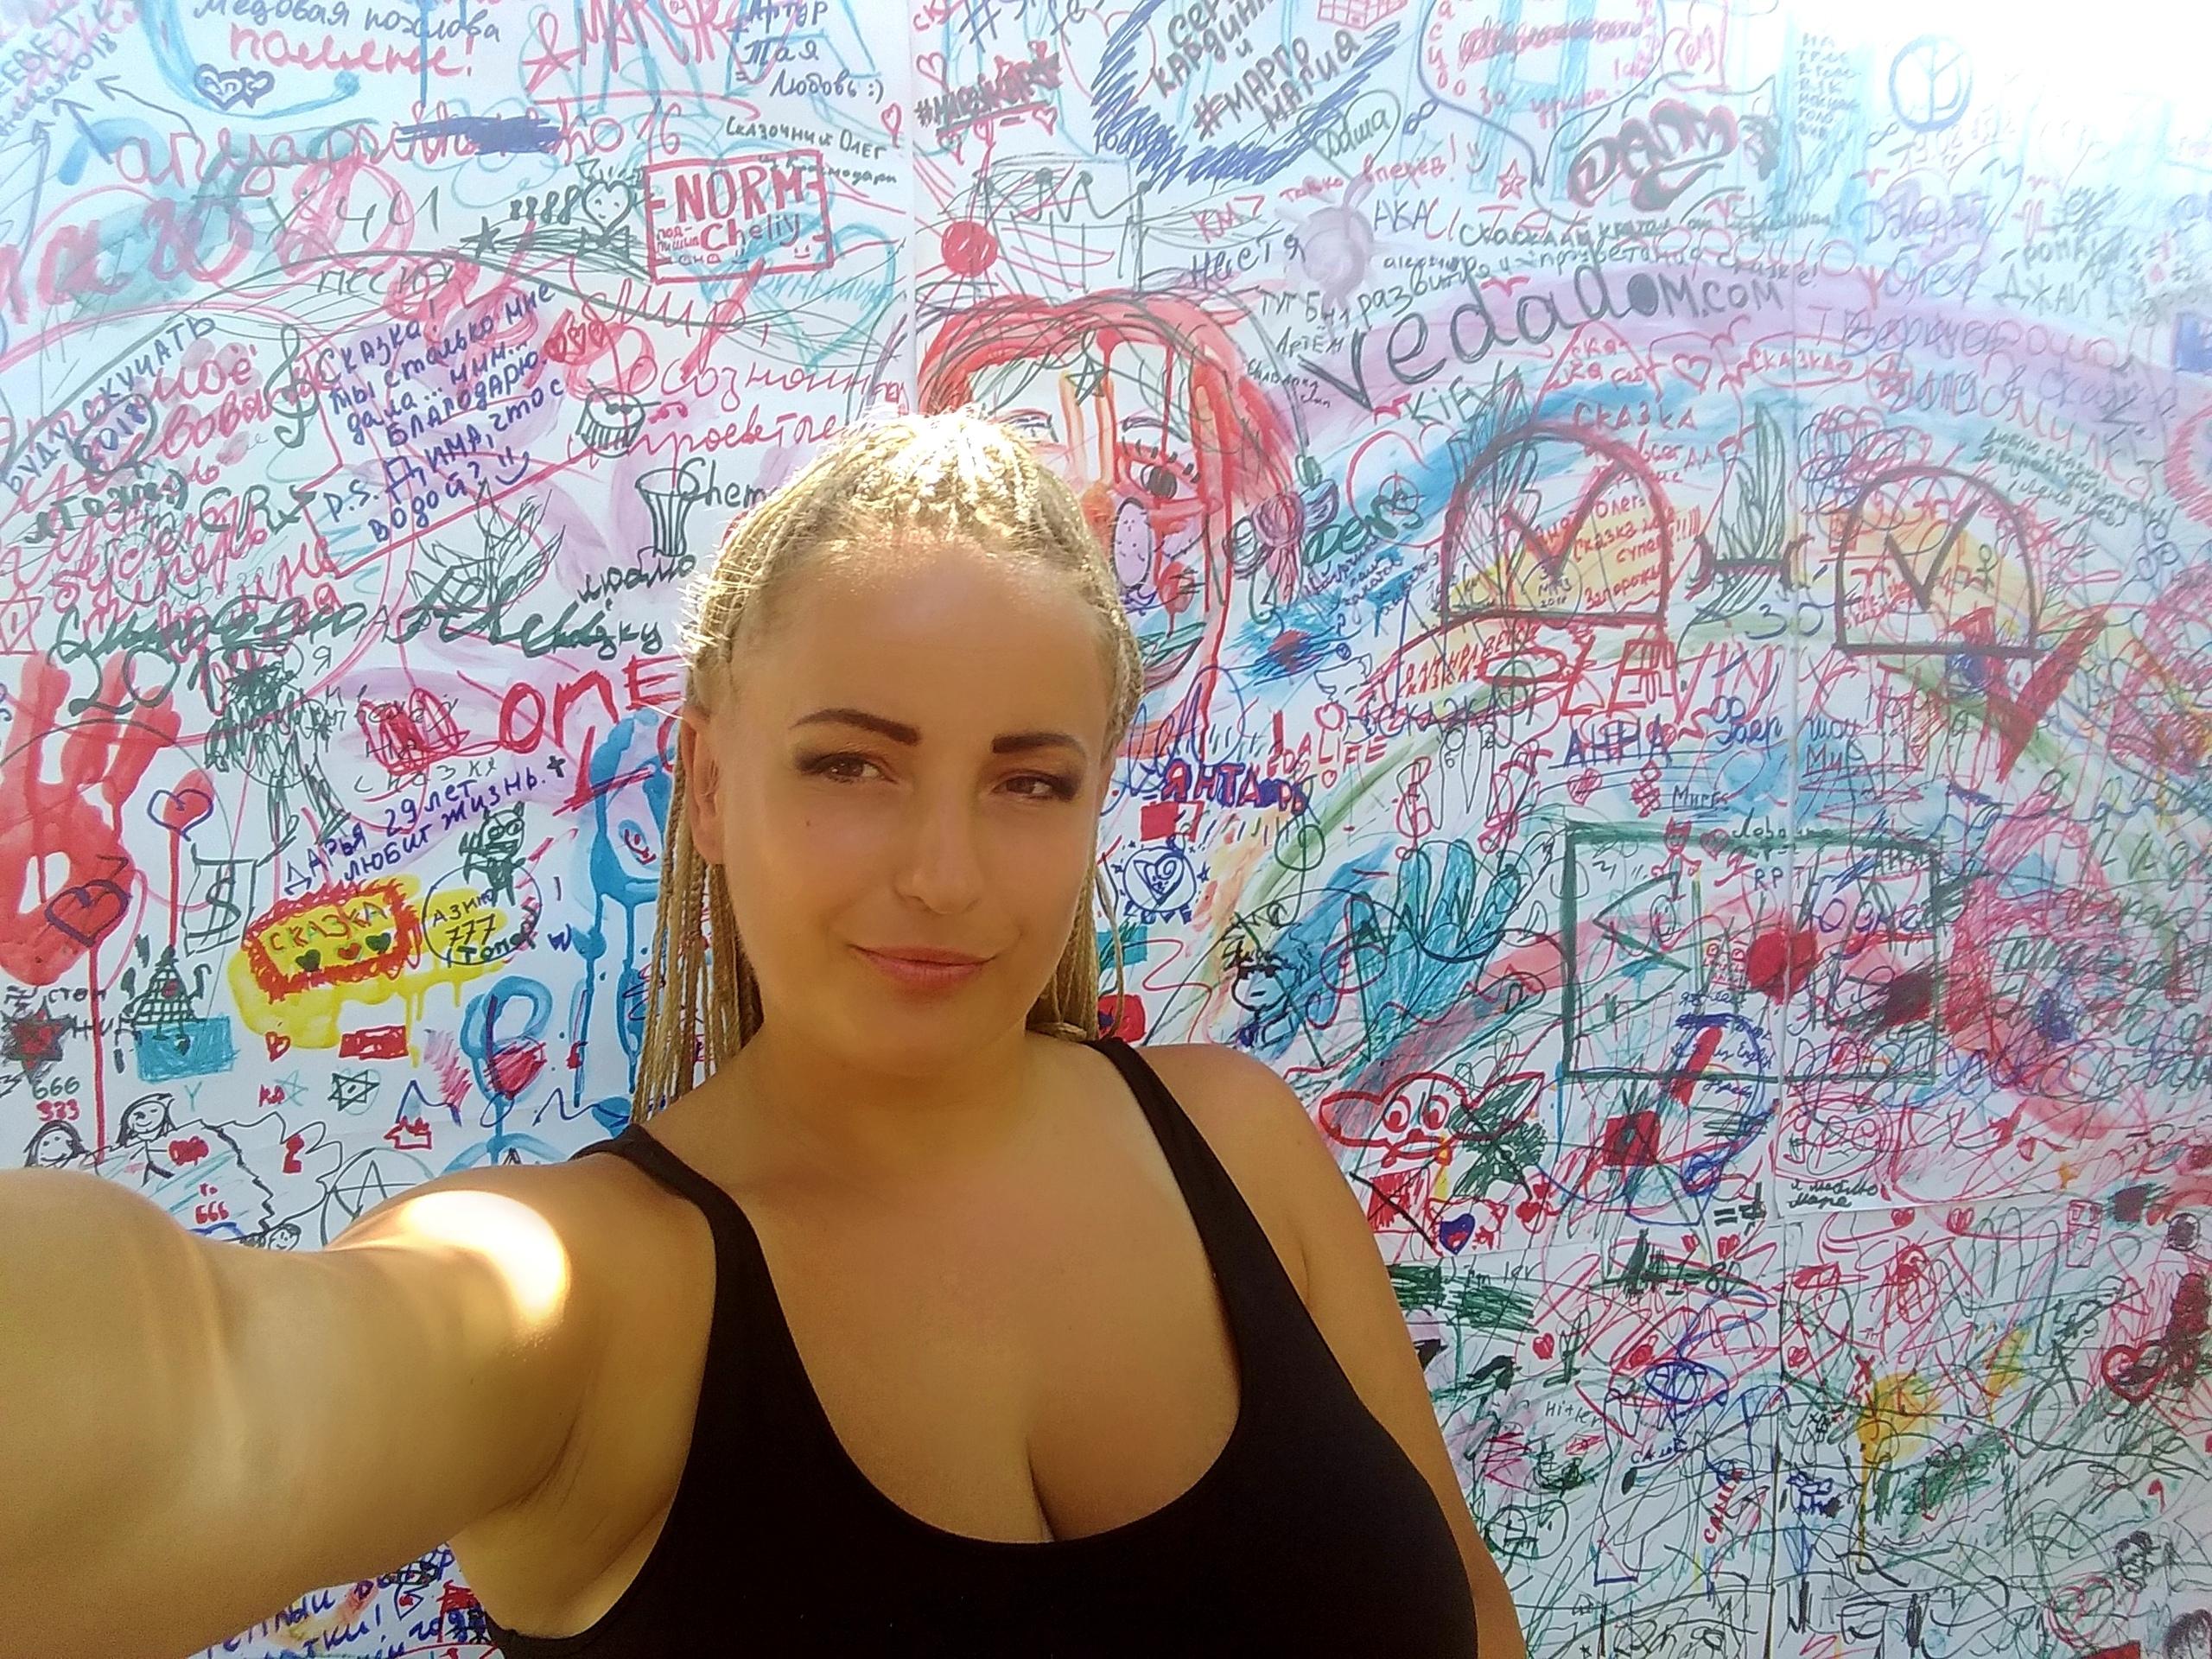 Елена Руденко (Валтея). Эзотерический фестиваль. Одесская сказка 2018 г. - Страница 8 Fbnc5PnhErw